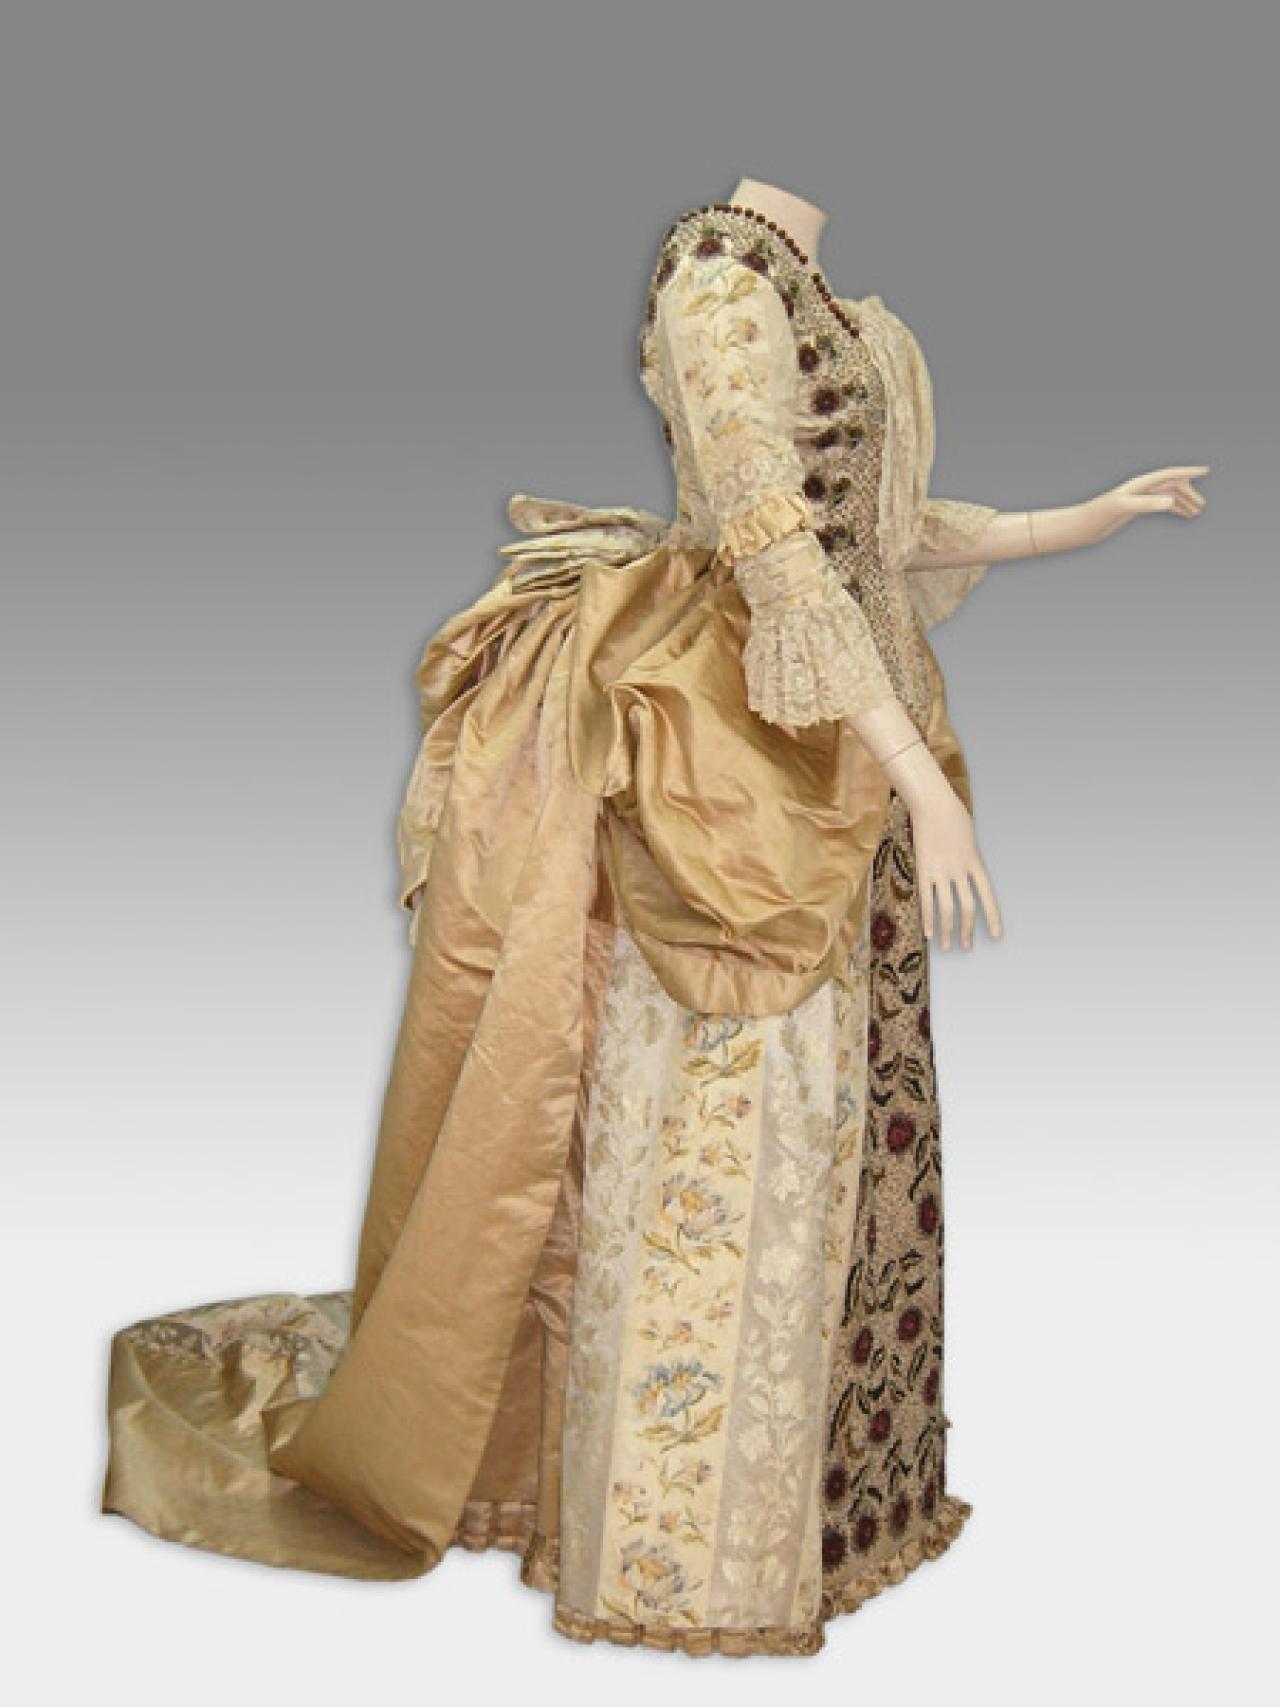 Detalles sobre los vestidos y escotes en el chile del for Diseno de interiores siglo xix